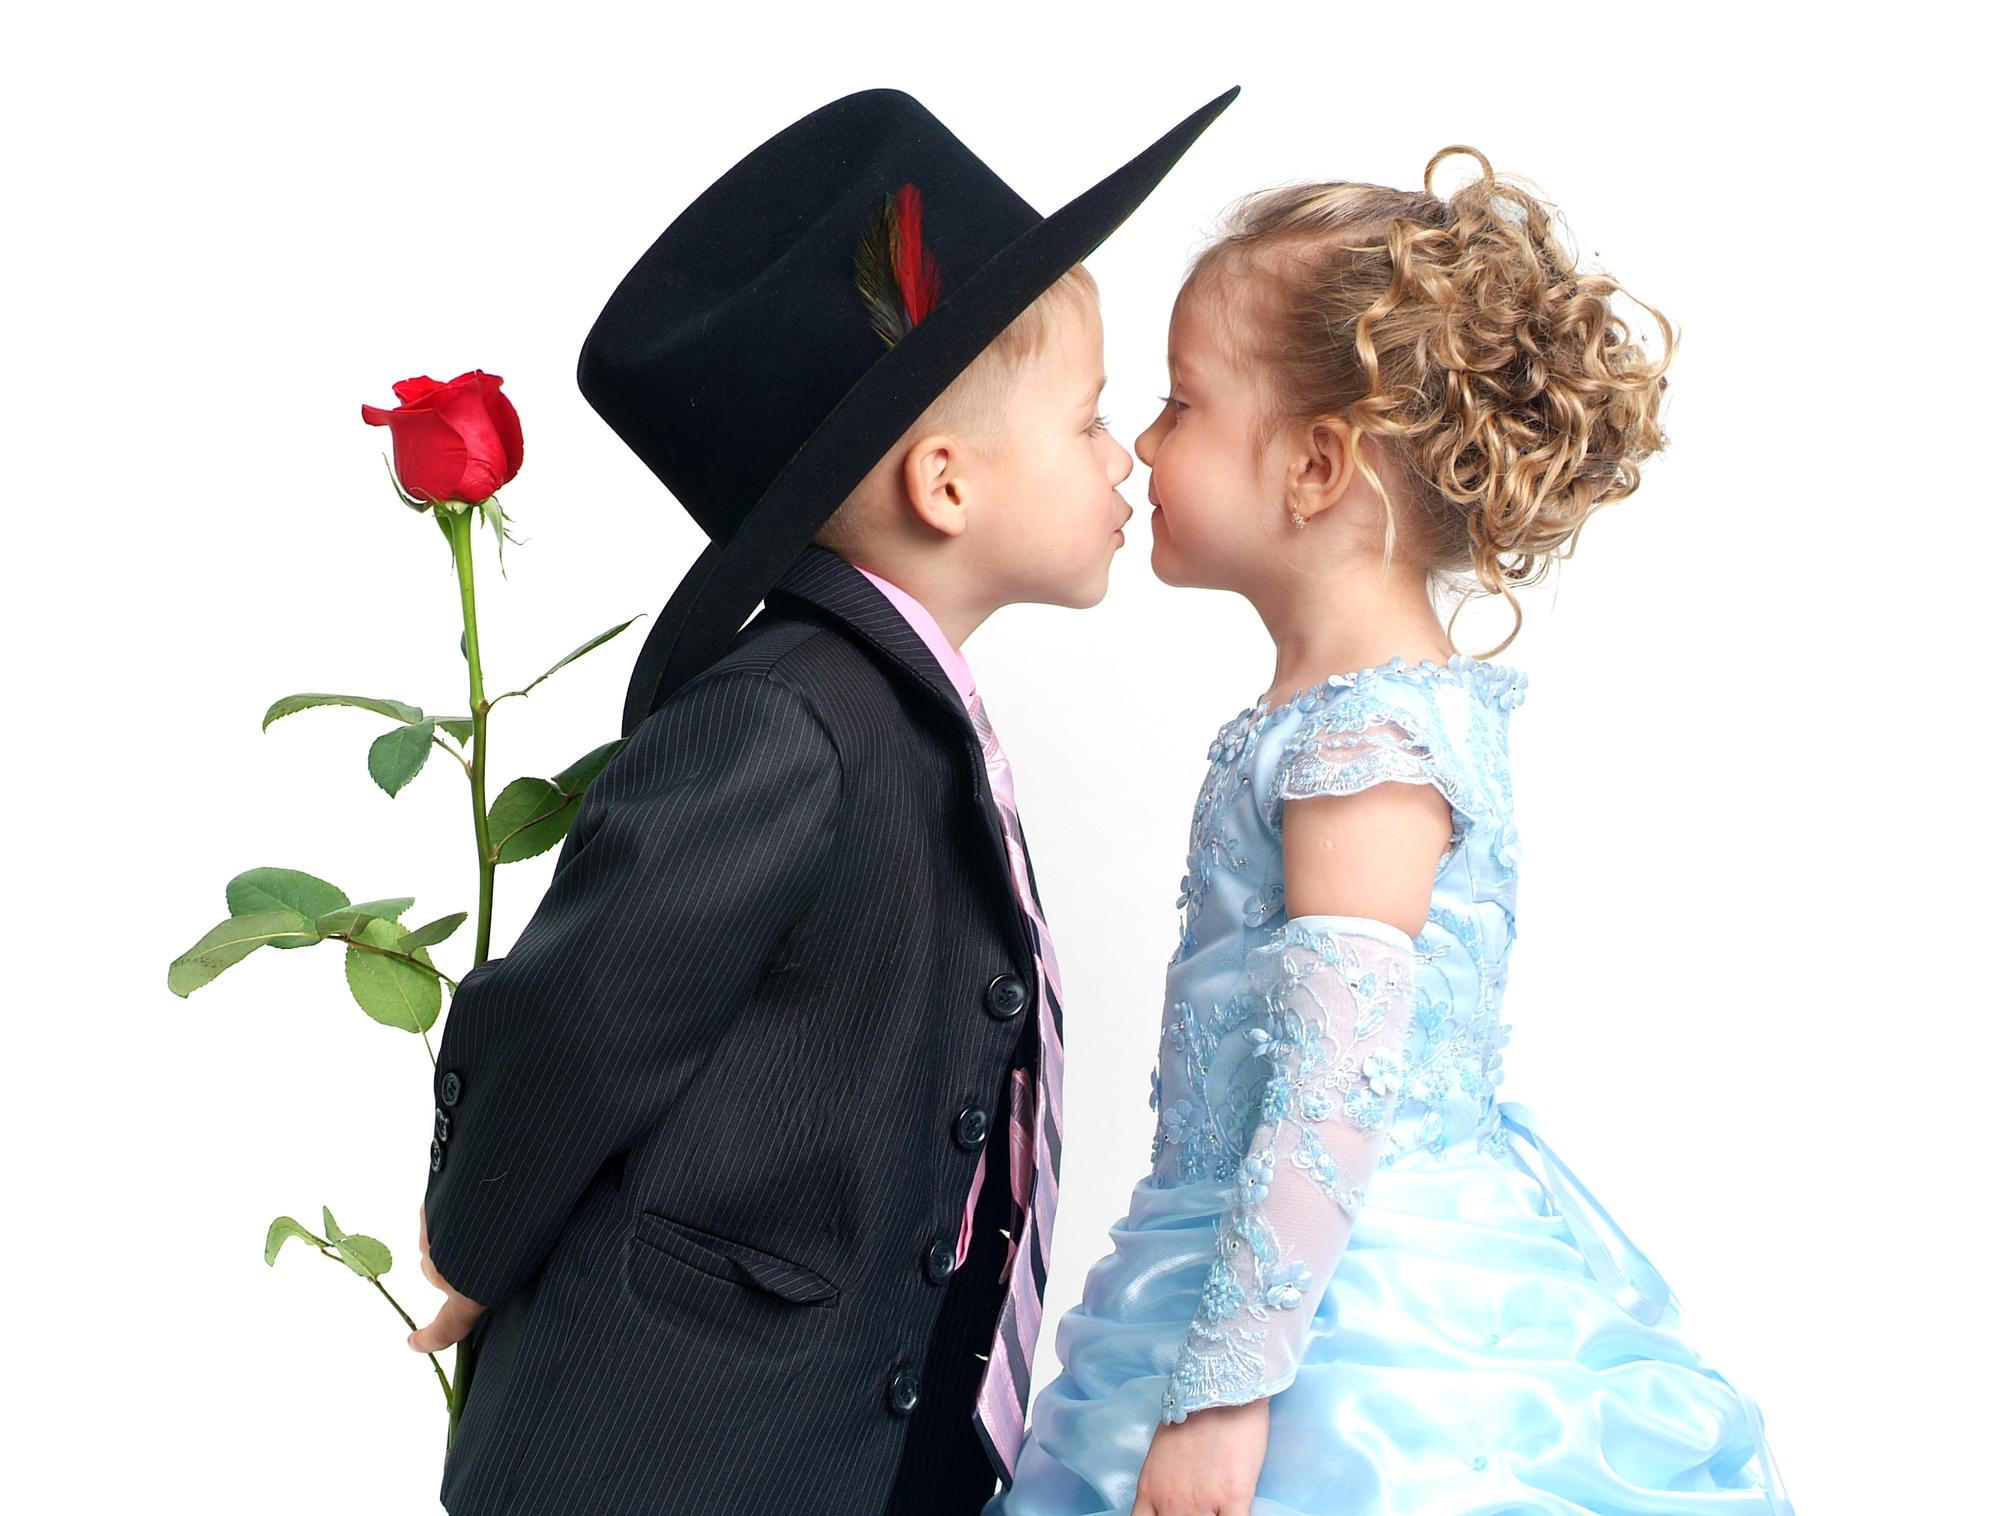 затраченное открытка подарить поцелуй него